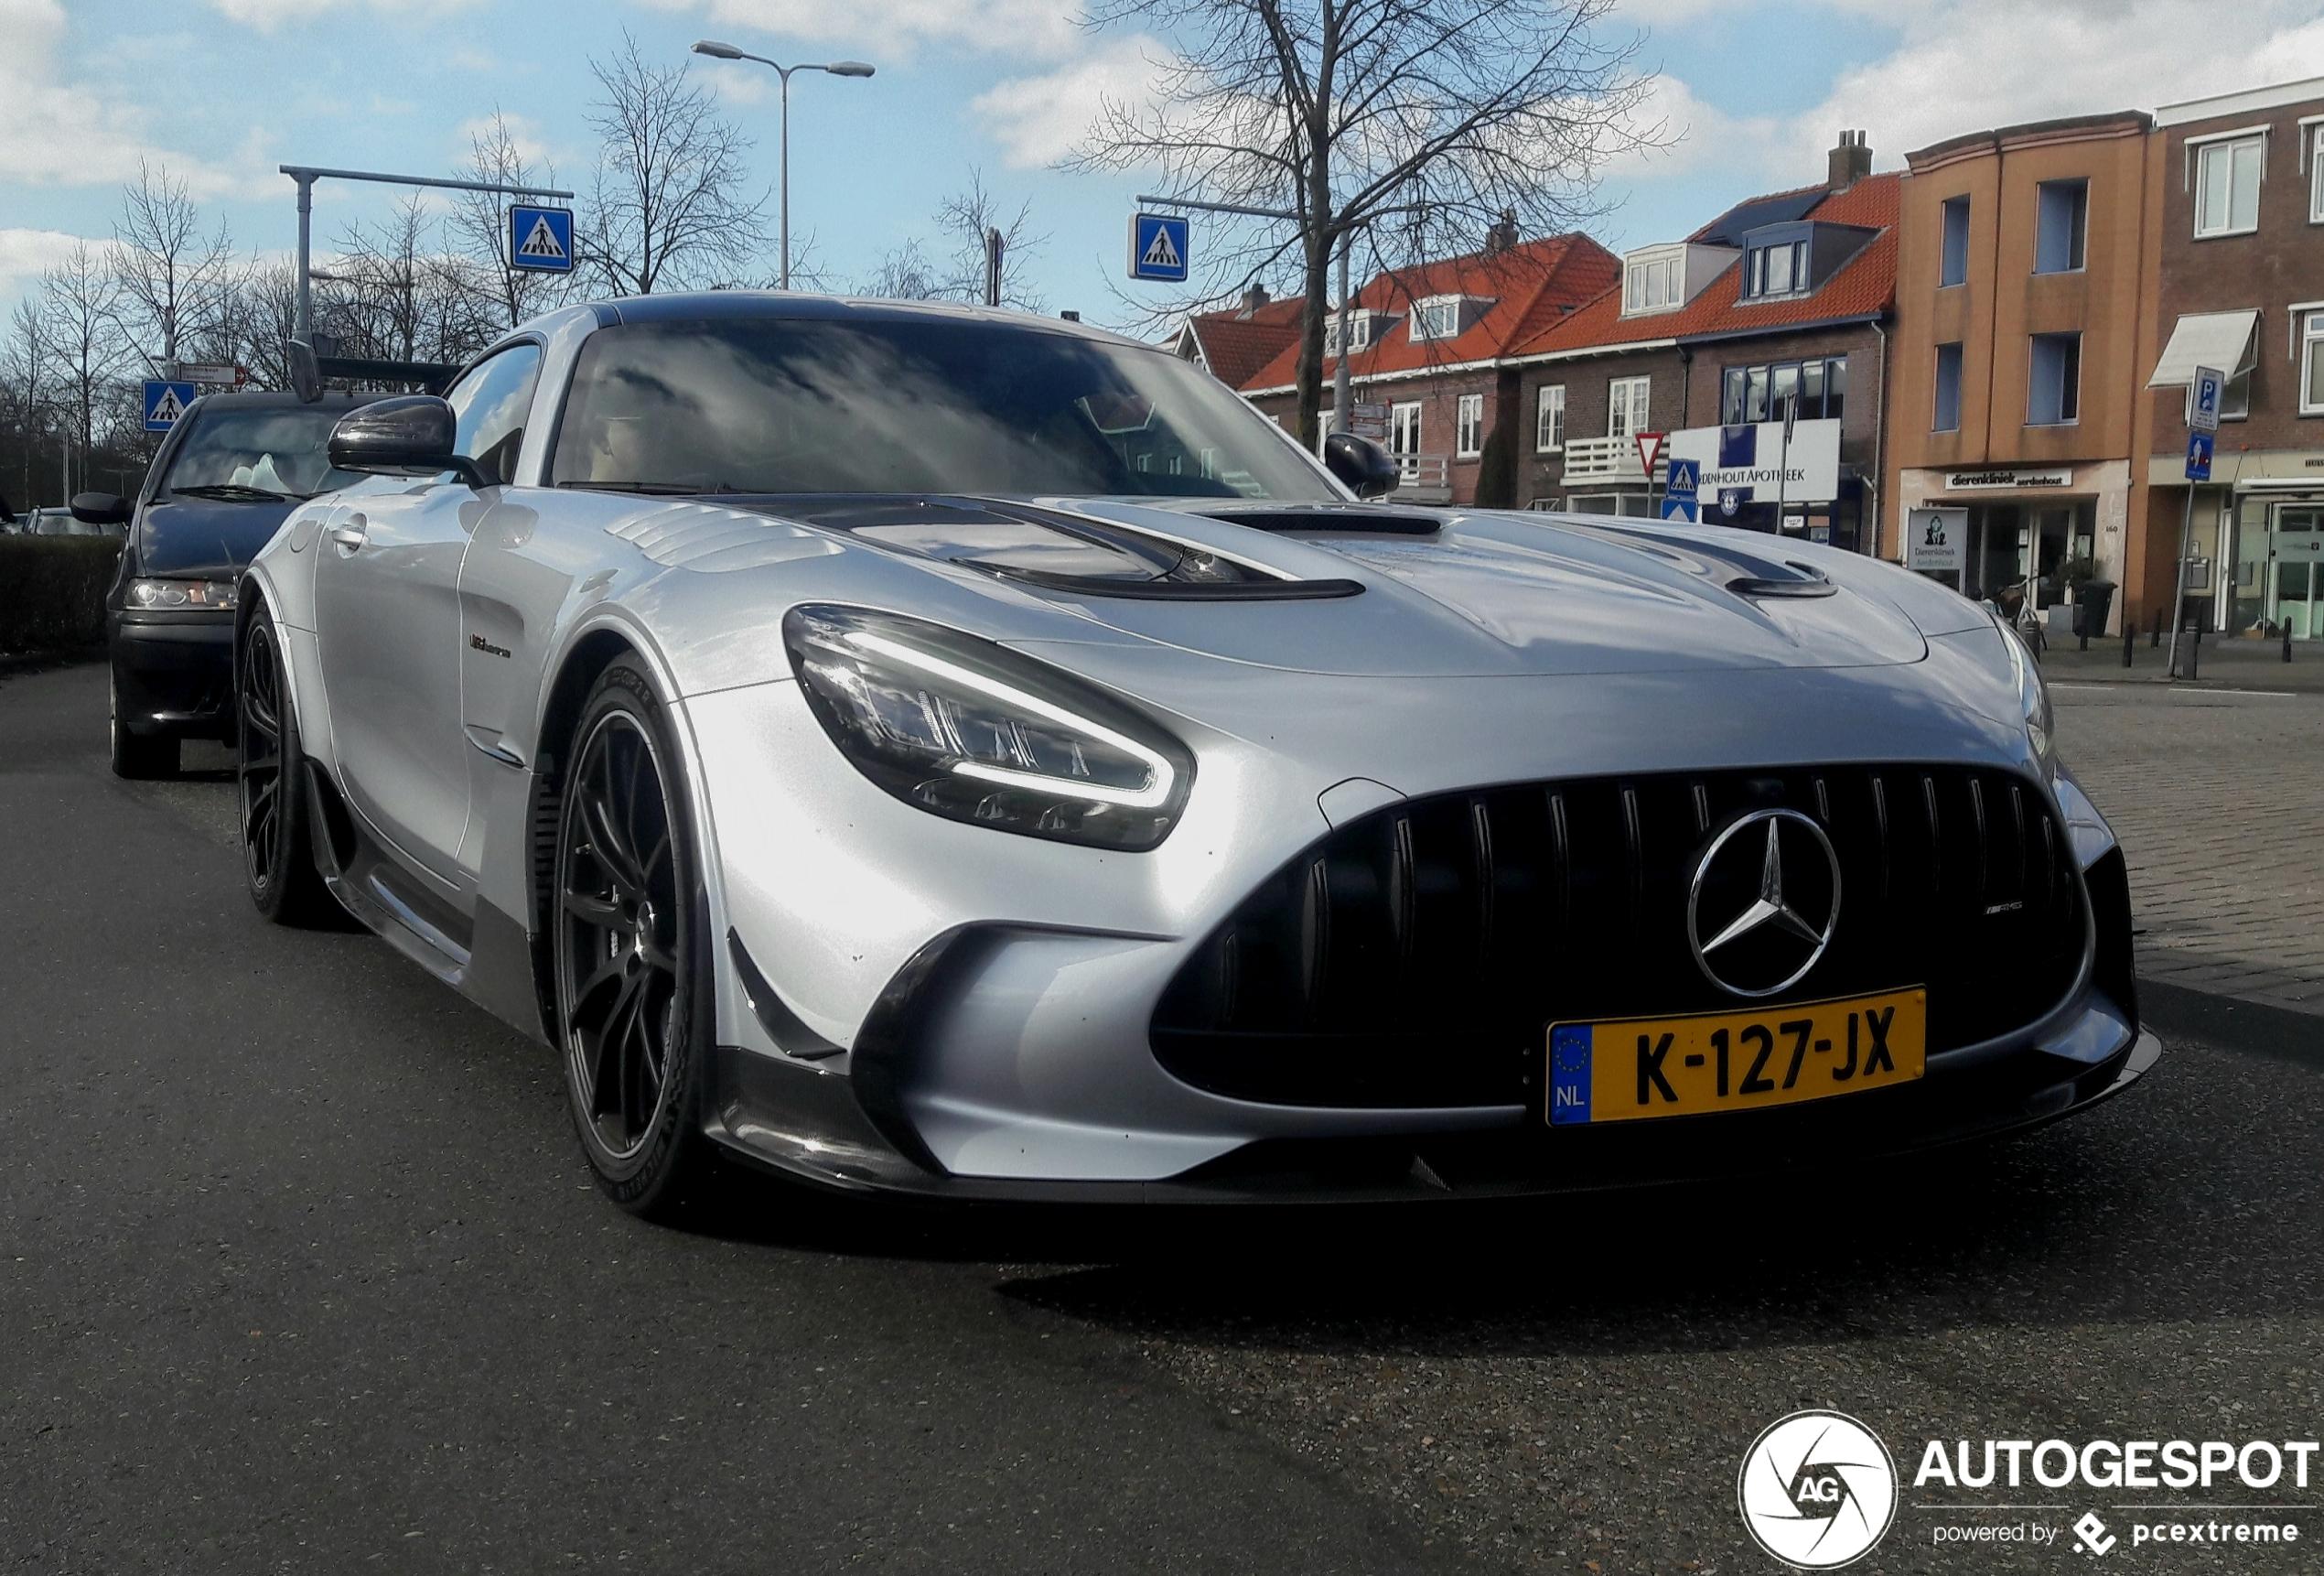 Mercedes-AMG GT Black Series duikt op in Heemstede